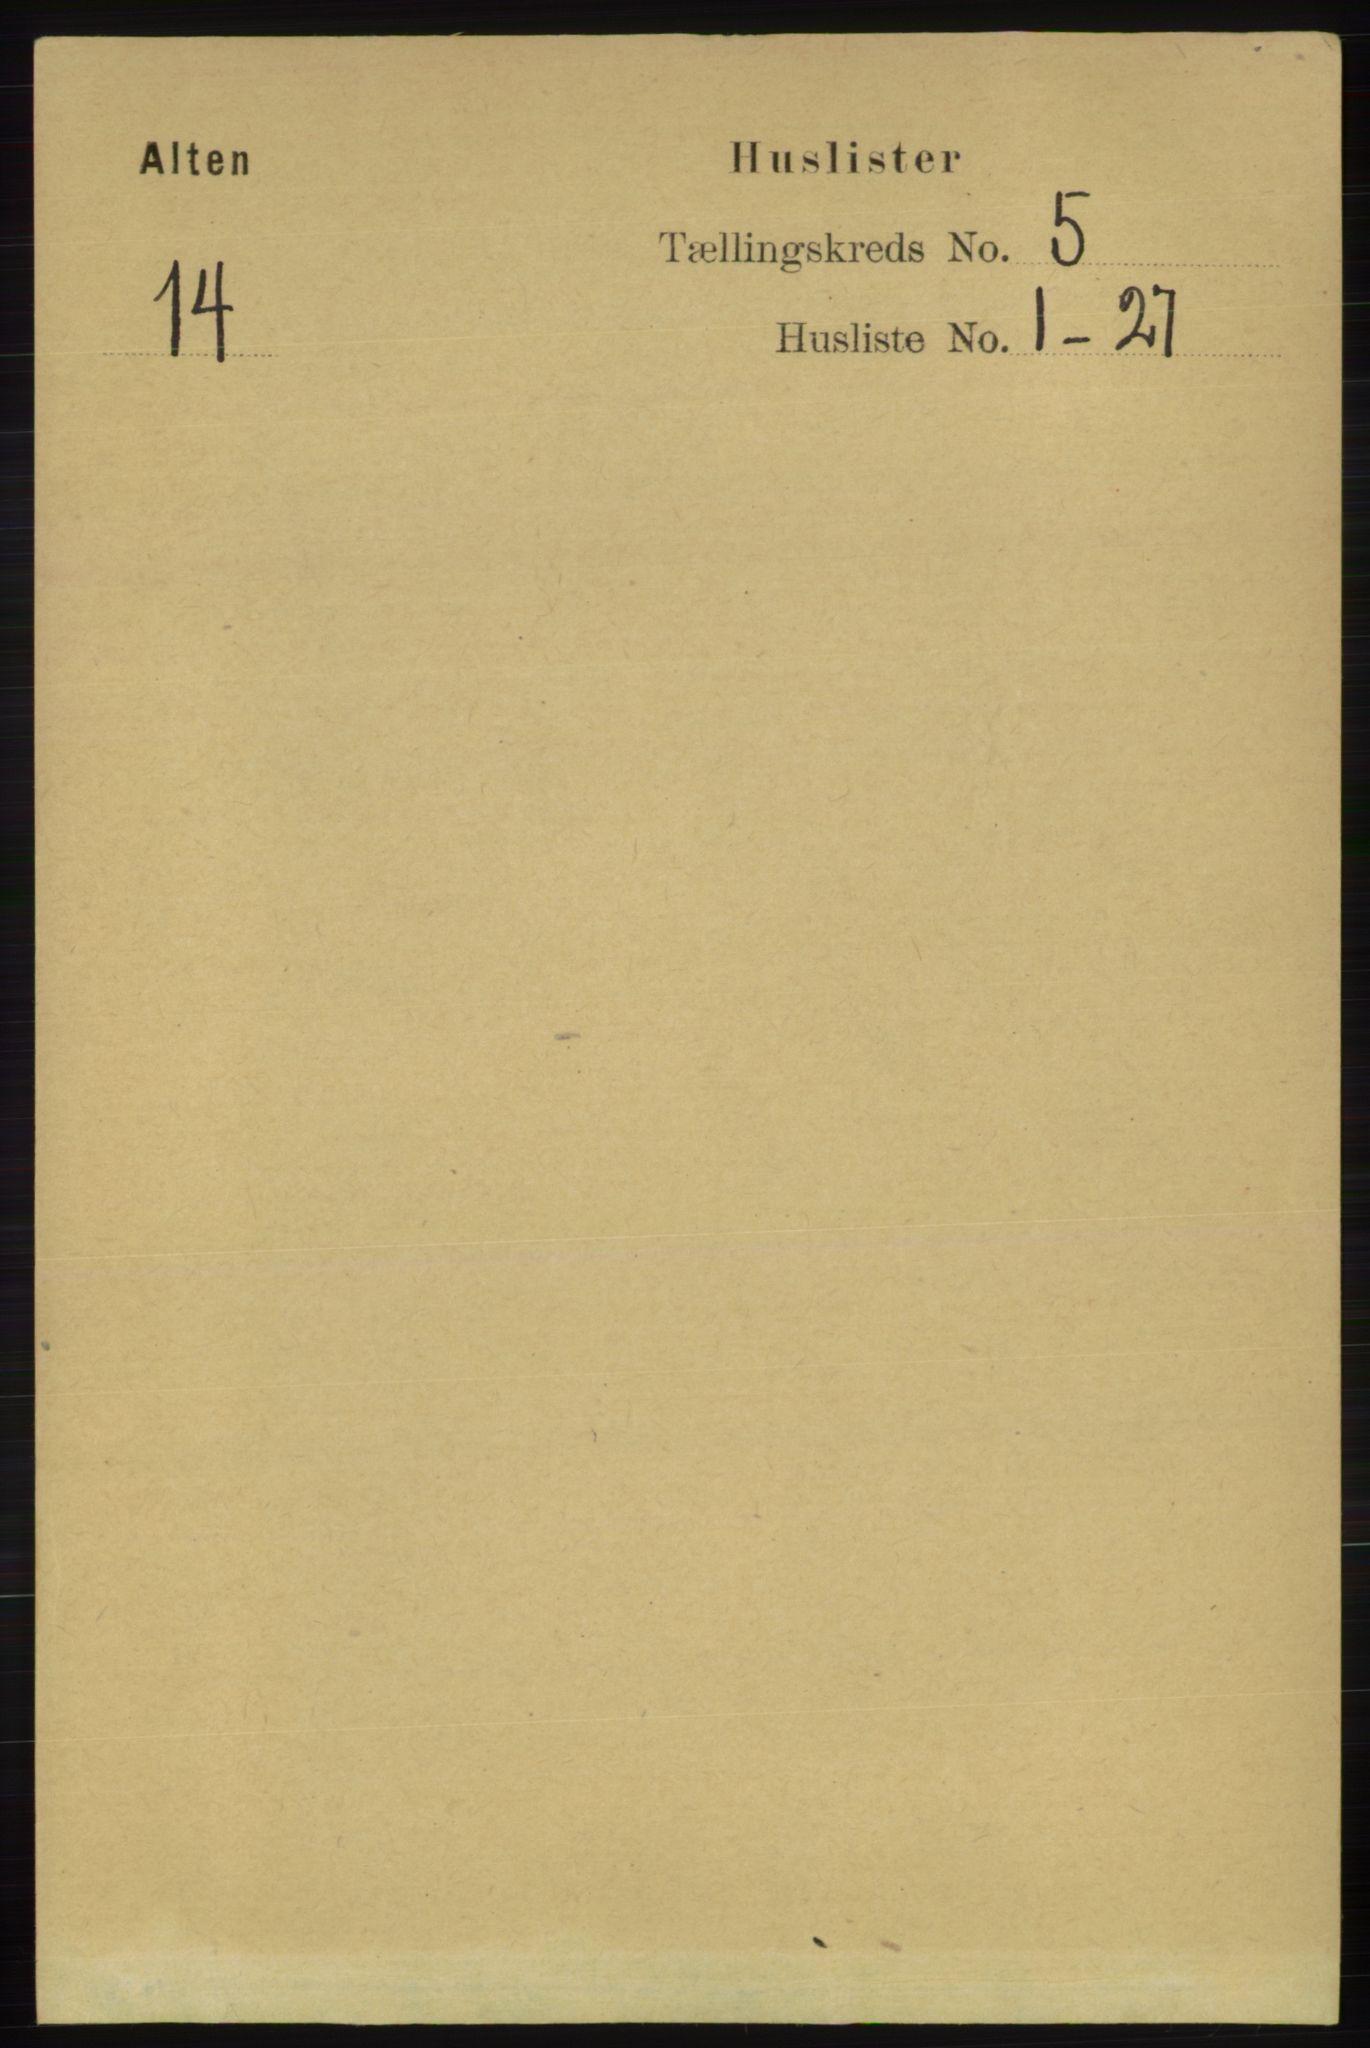 RA, Folketelling 1891 for 2012 Alta herred, 1891, s. 1620